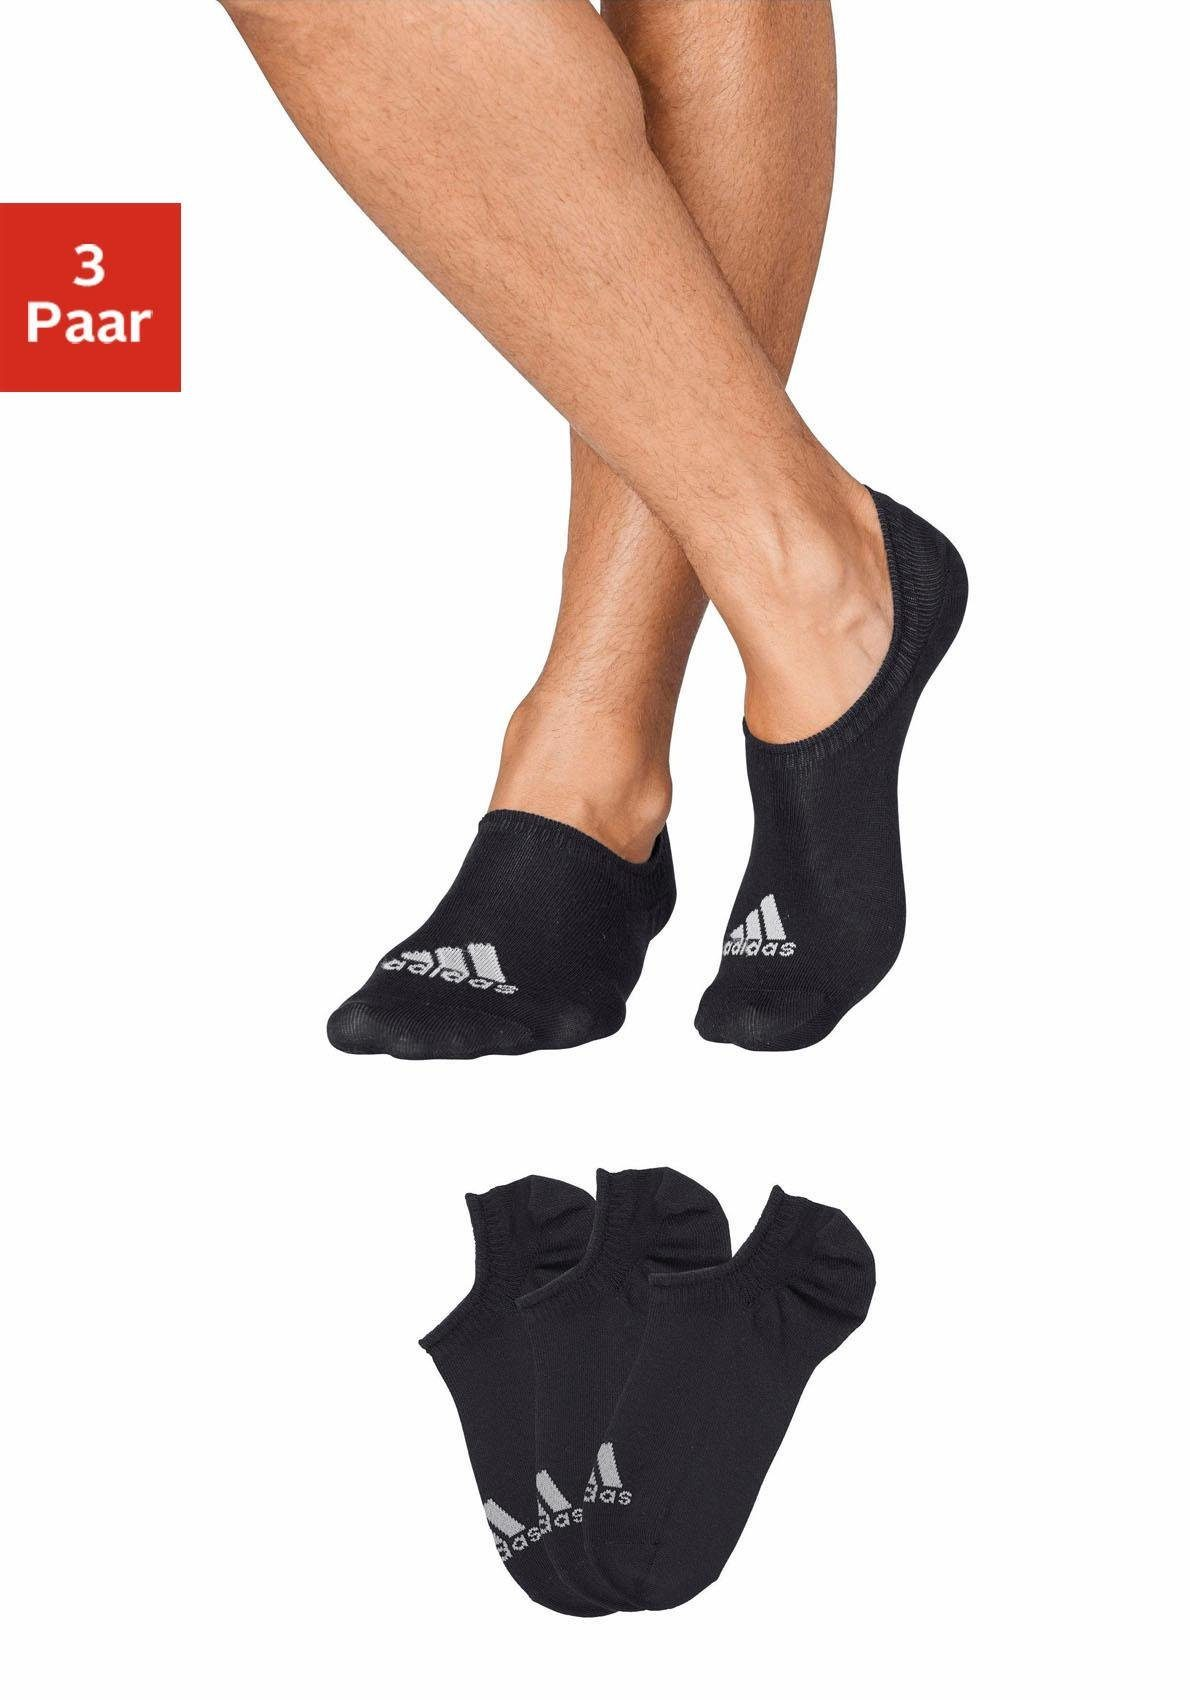 Adidas Online Performance Im Schuh Füßlinge3 KaufenOtto PaarVerschwinden TFKl1cJ